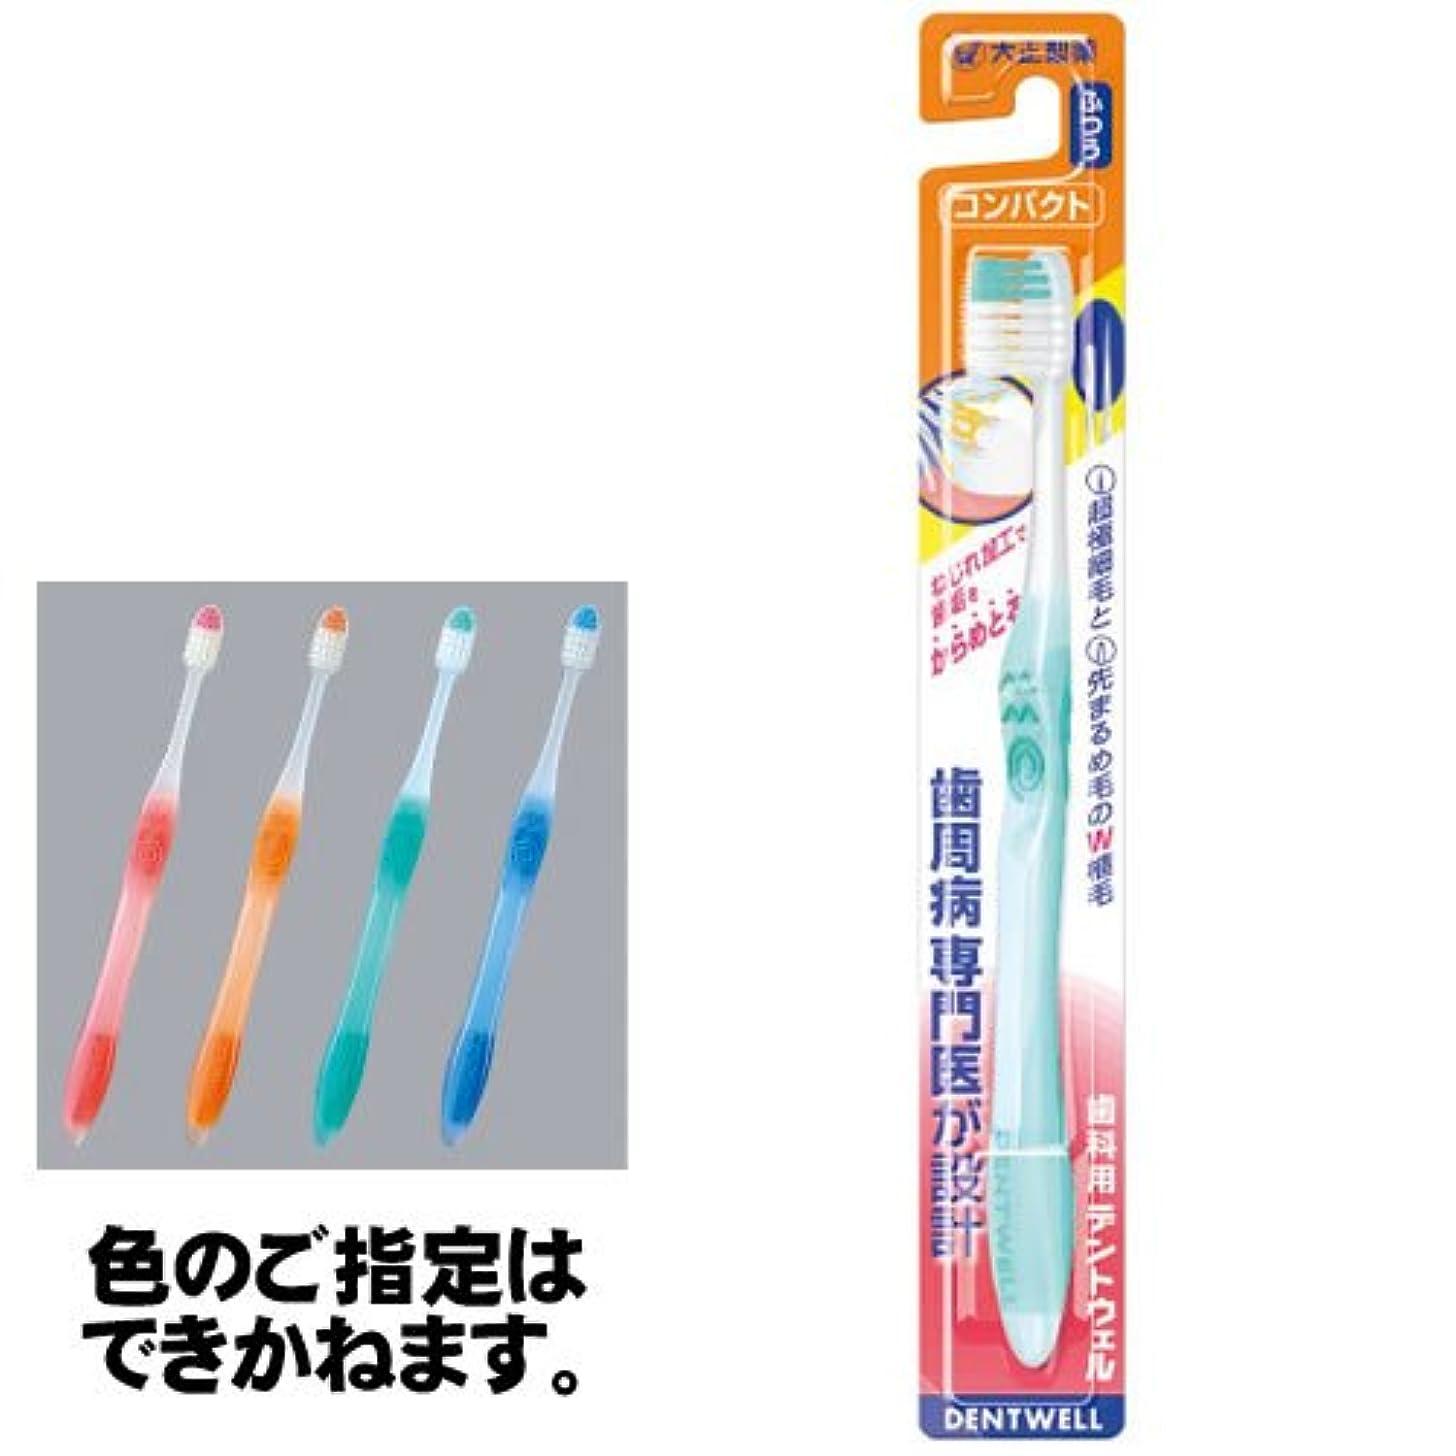 分配します触覚テラス〔大正製薬〕歯科用デントウェル歯ブラシ コンパクト ふつう×12本セット